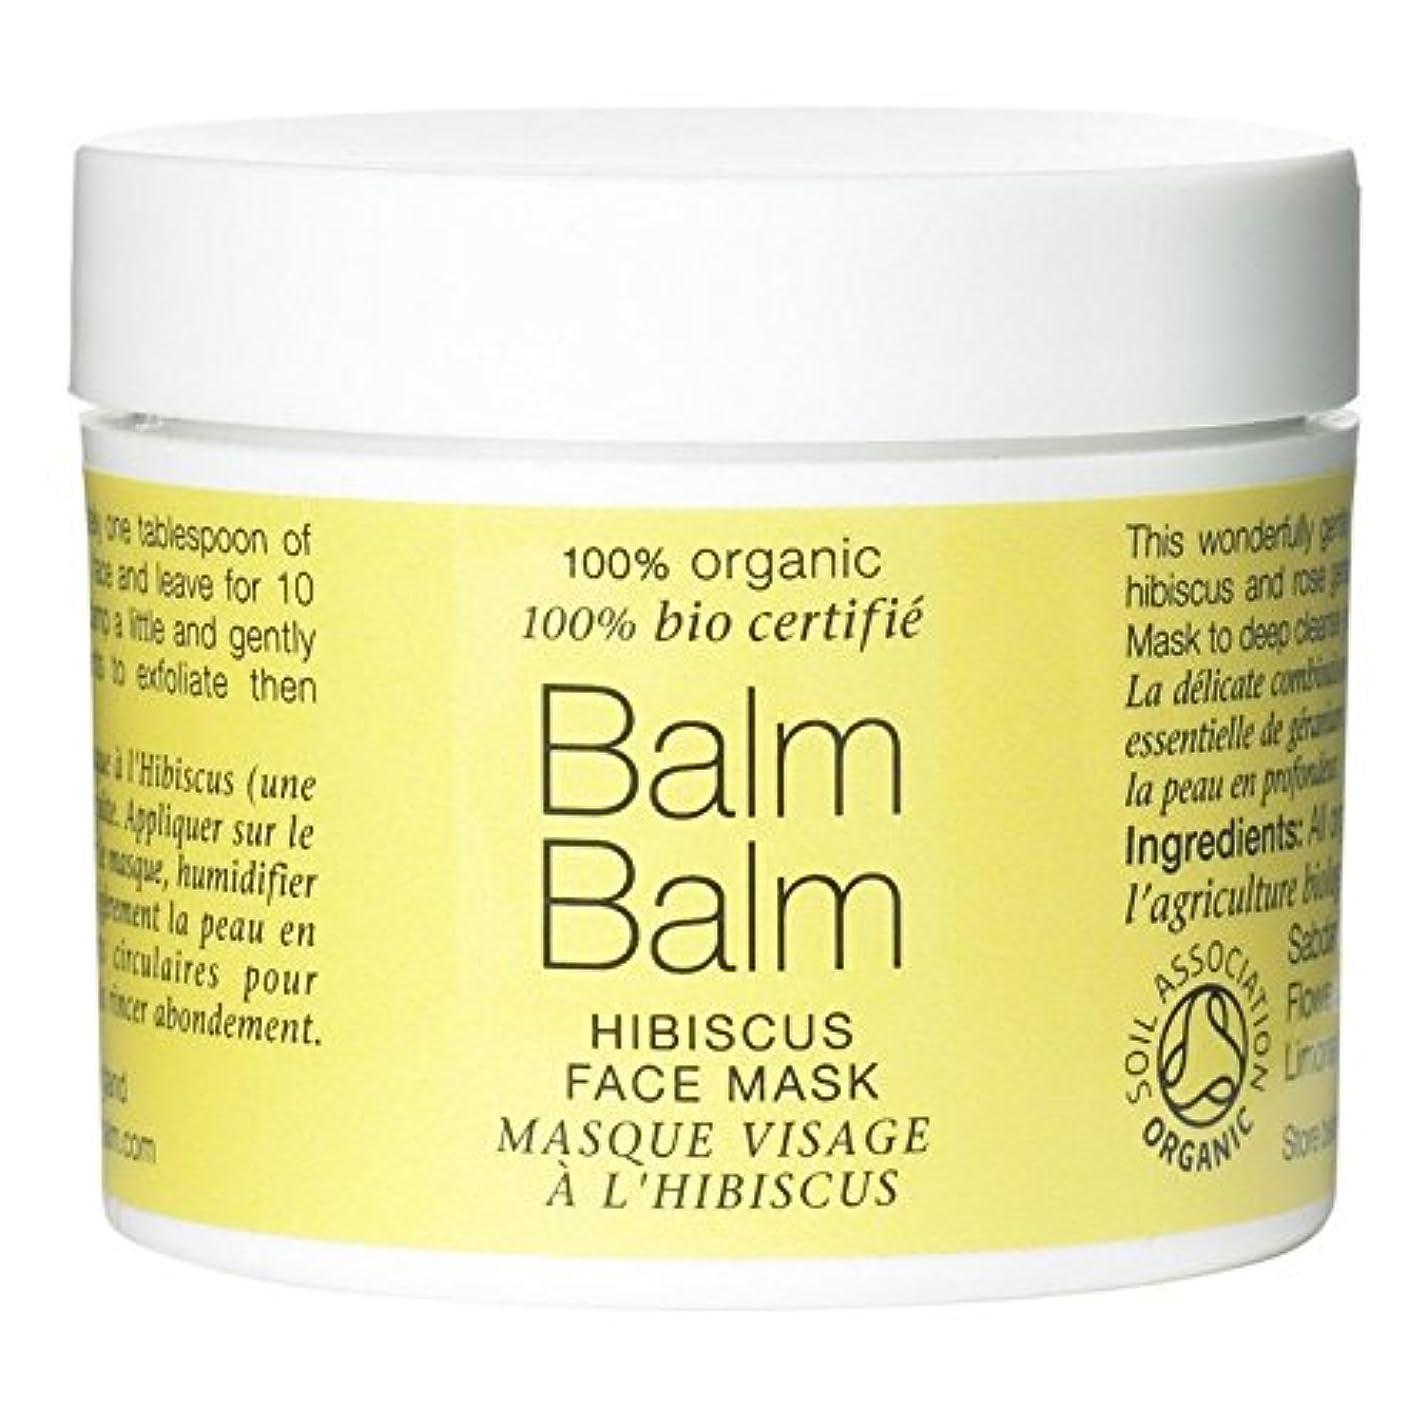 元に戻すバイバイ分岐するバームバームオーガニックハイビスカスフェイスマスク100グラム x4 - Balm Balm Organic Hibiscus Face Mask 100g (Pack of 4) [並行輸入品]